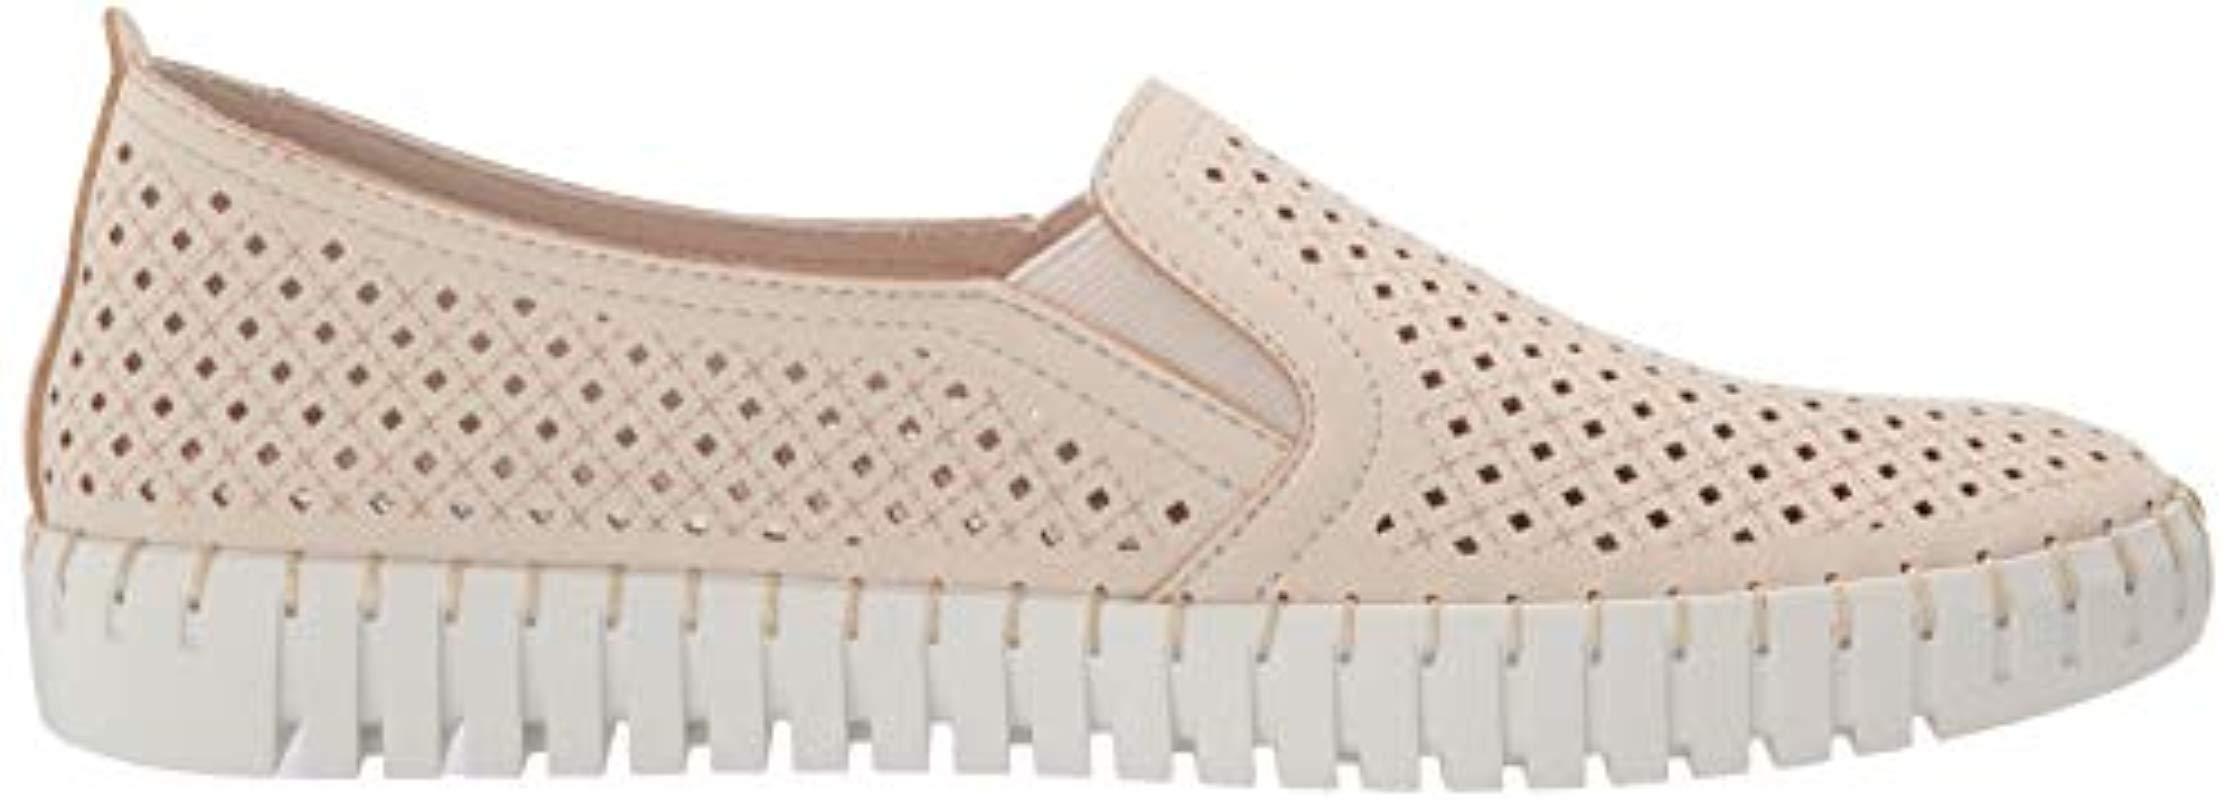 Sepulveda Blvd-A La Mode, Zapatillas sin Cordones para Mujer Skechers de color Neutro